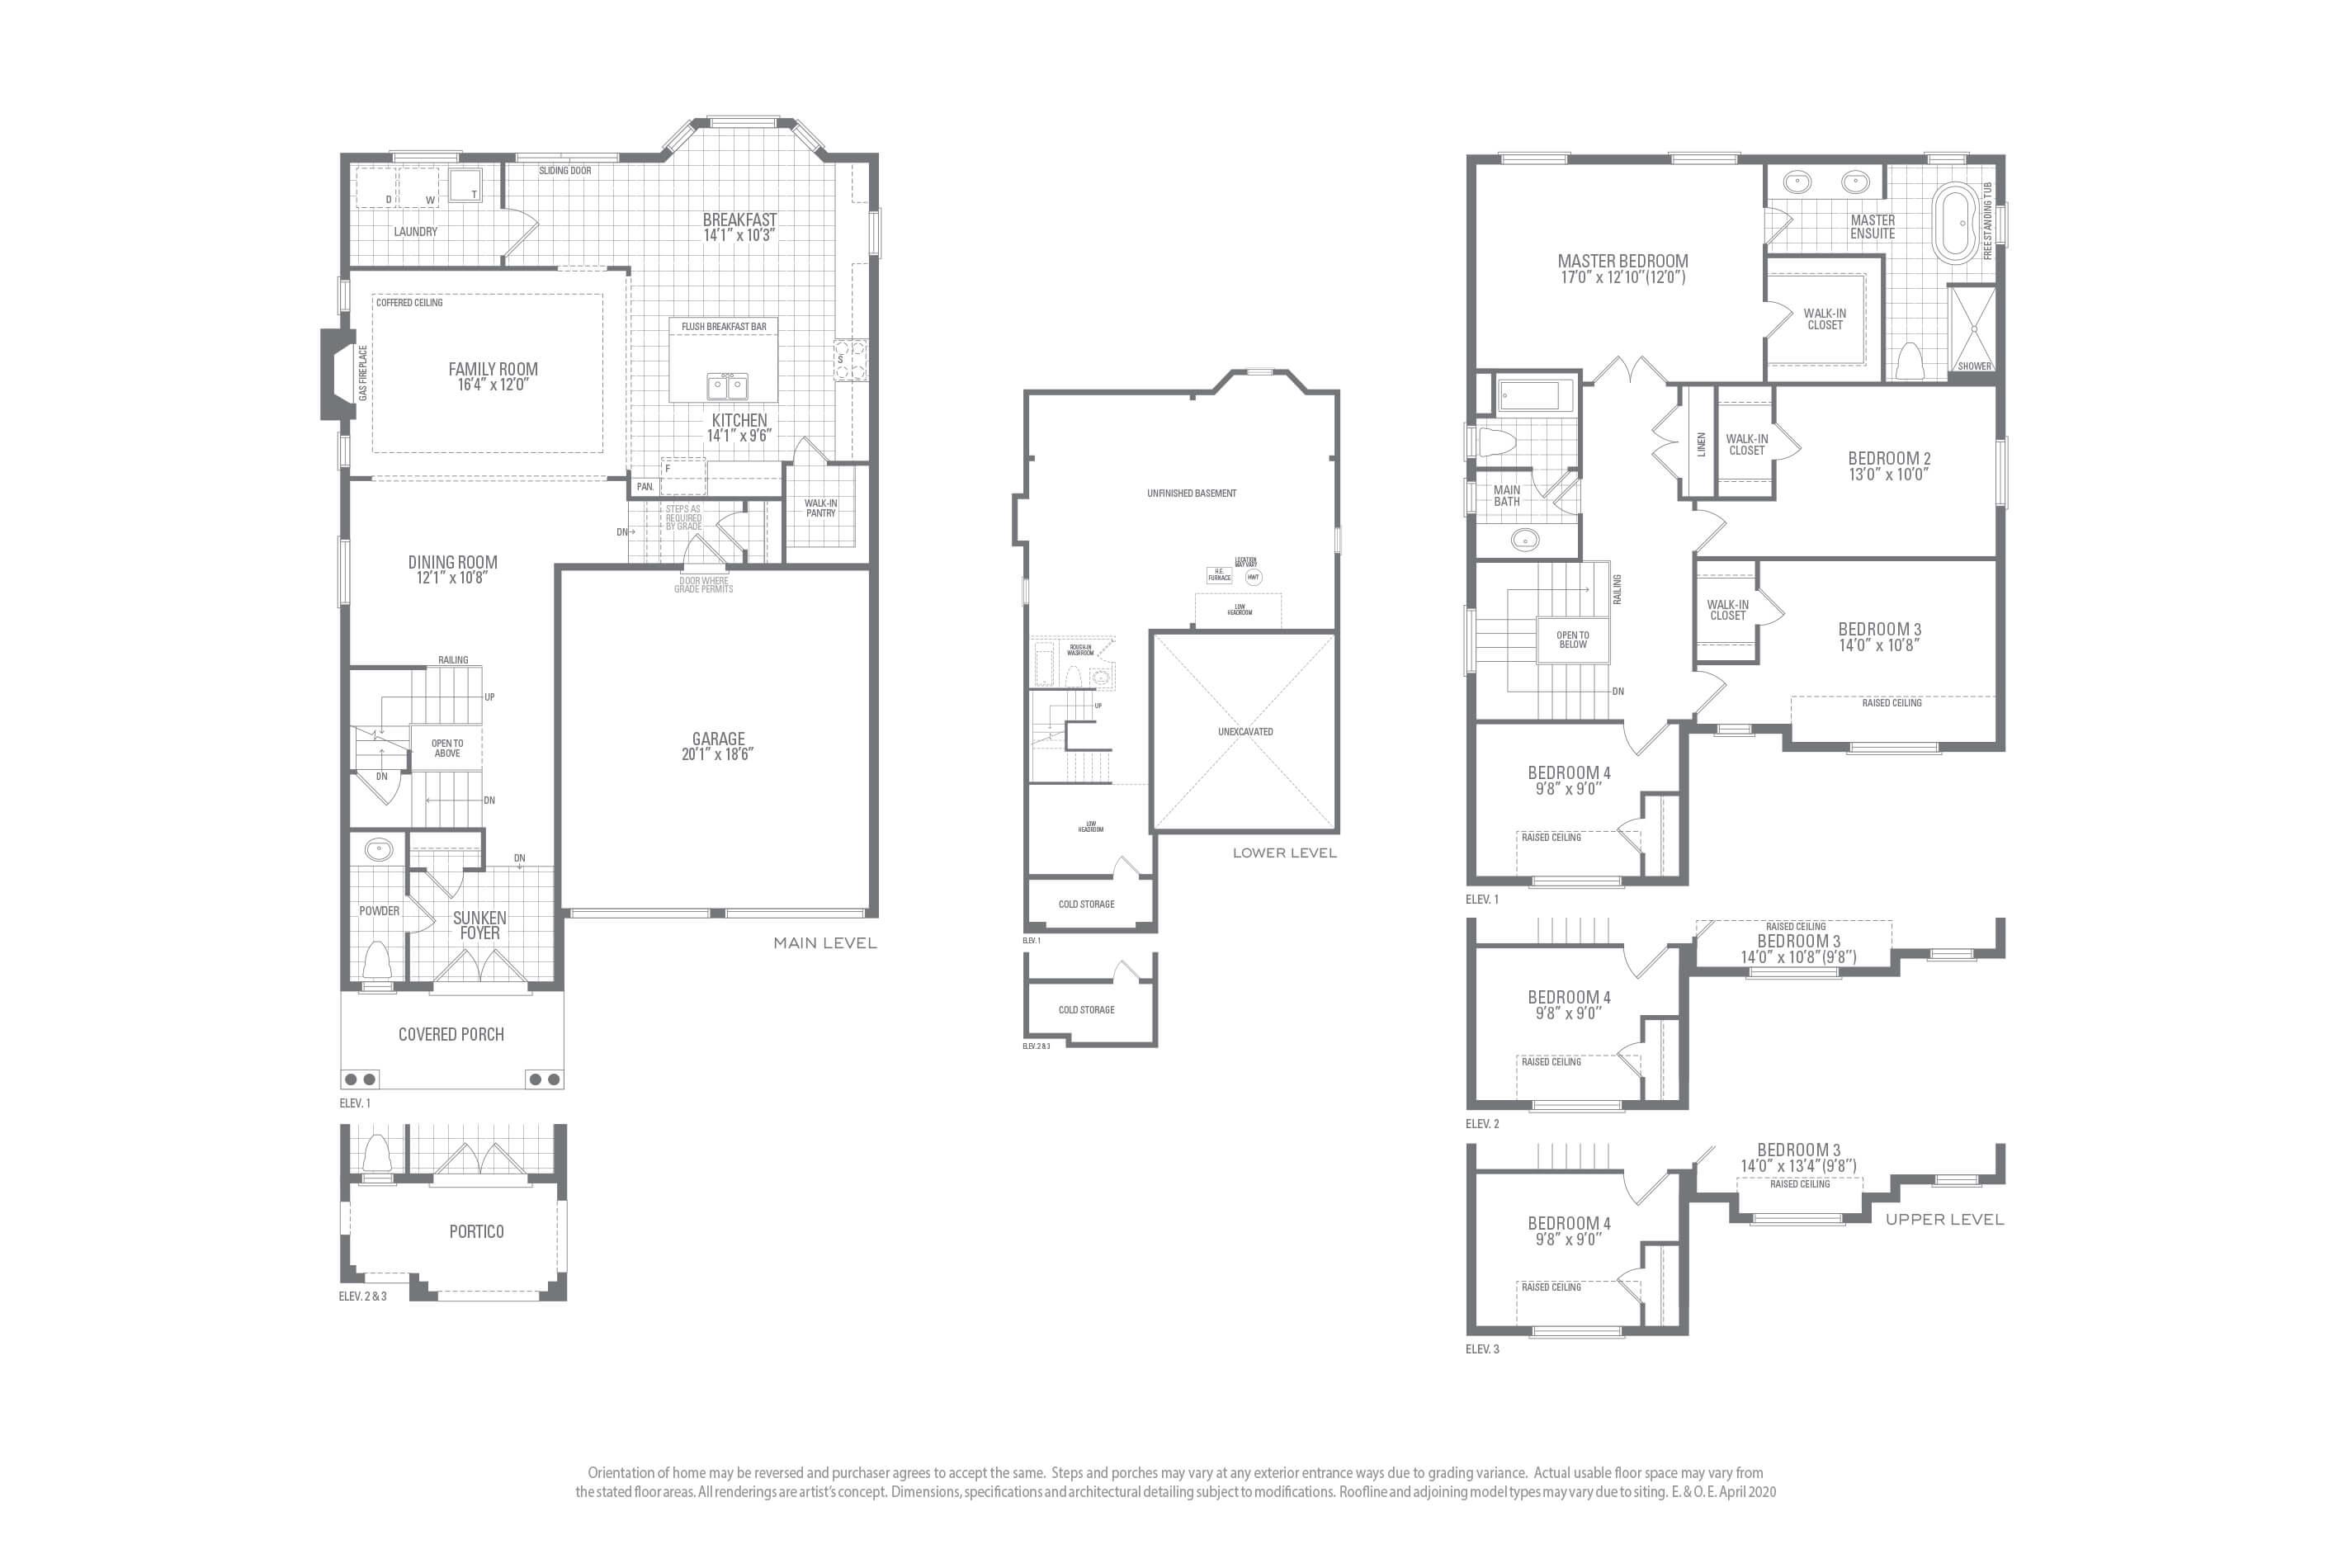 Valleycreek One Floorplan